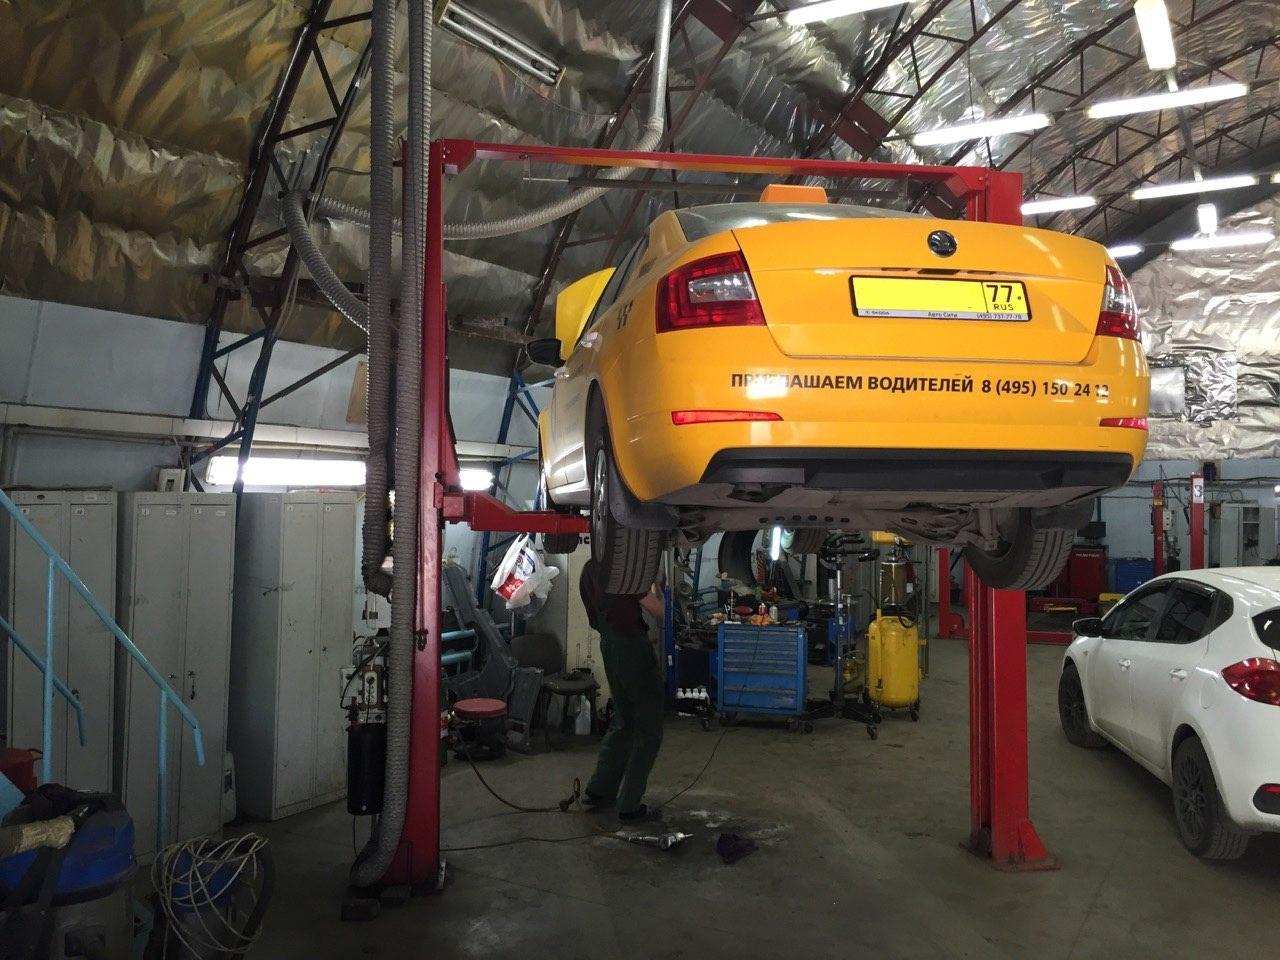 автомобилей и обслуживание ремонт